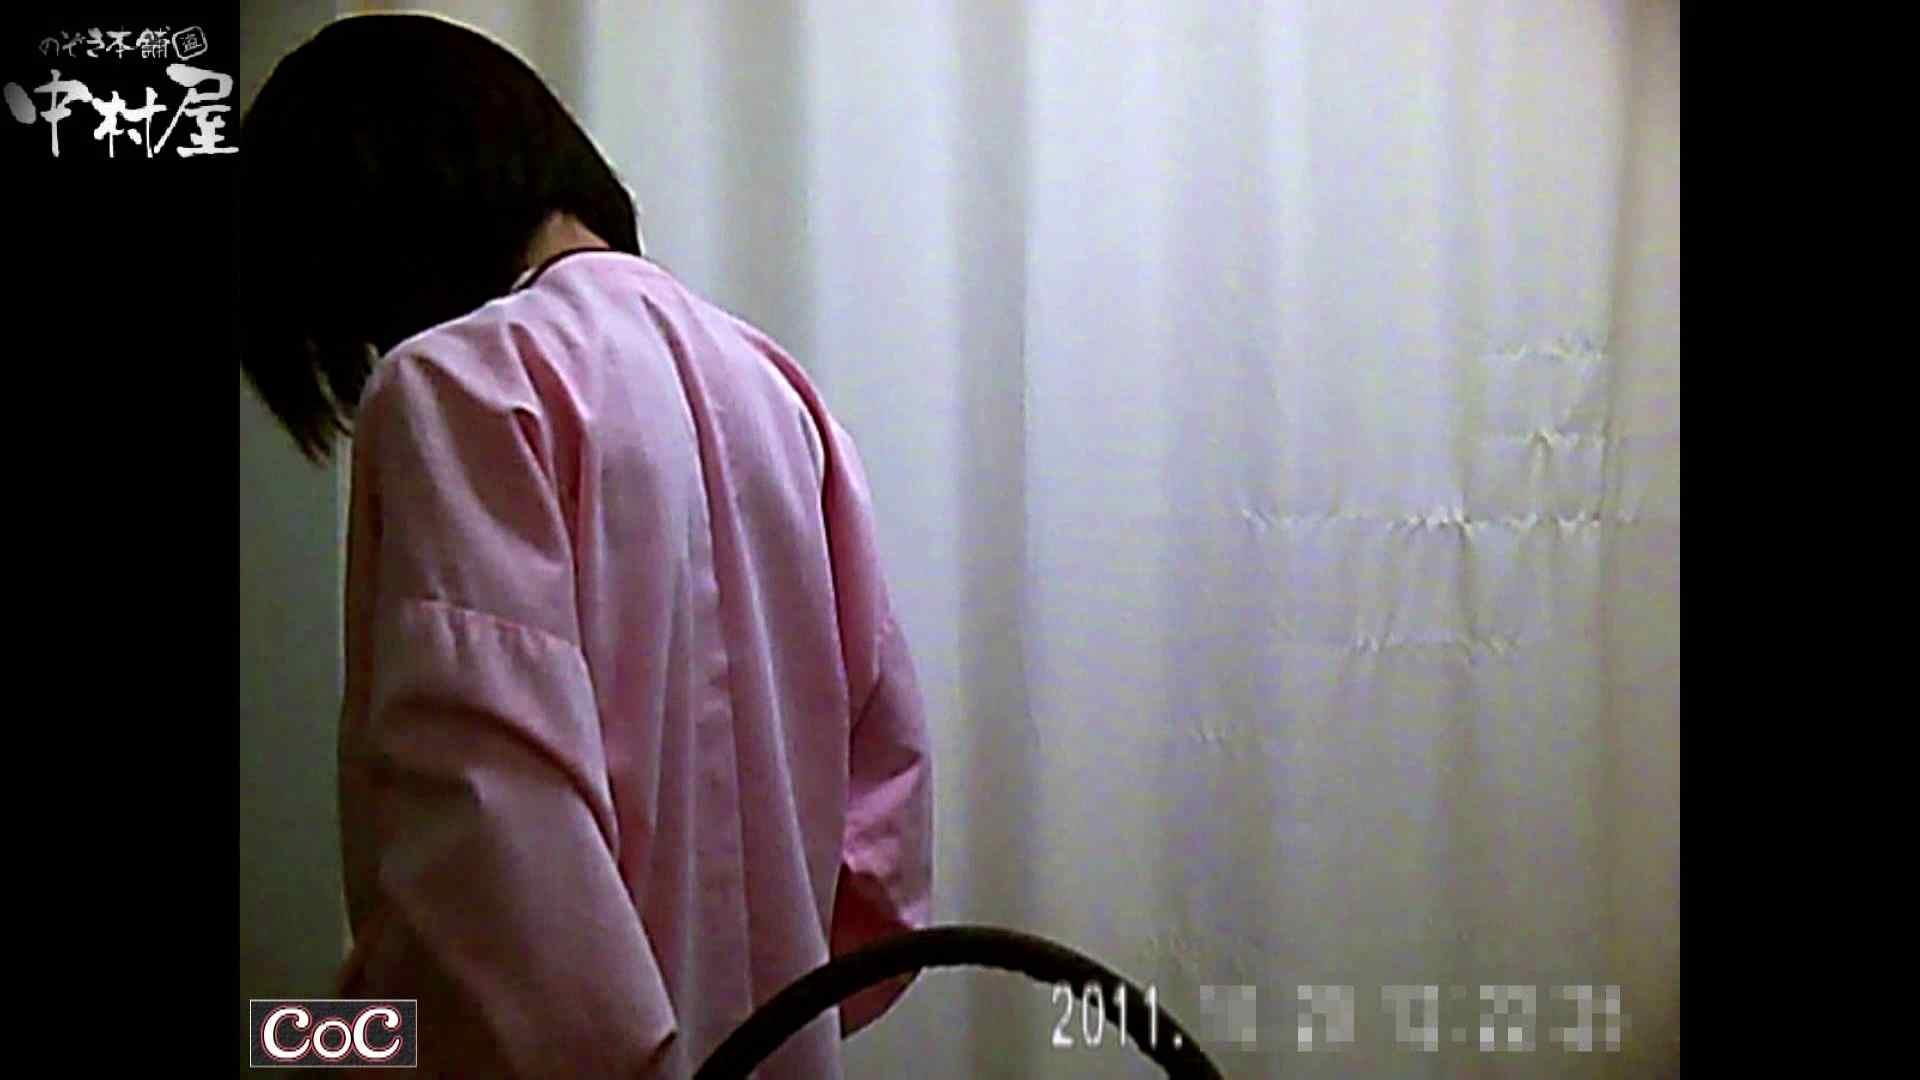 激ヤバ健康診断!着替えの一部始終.vol.65※本編ボカシ・目線無し 盗撮動画  10枚 10